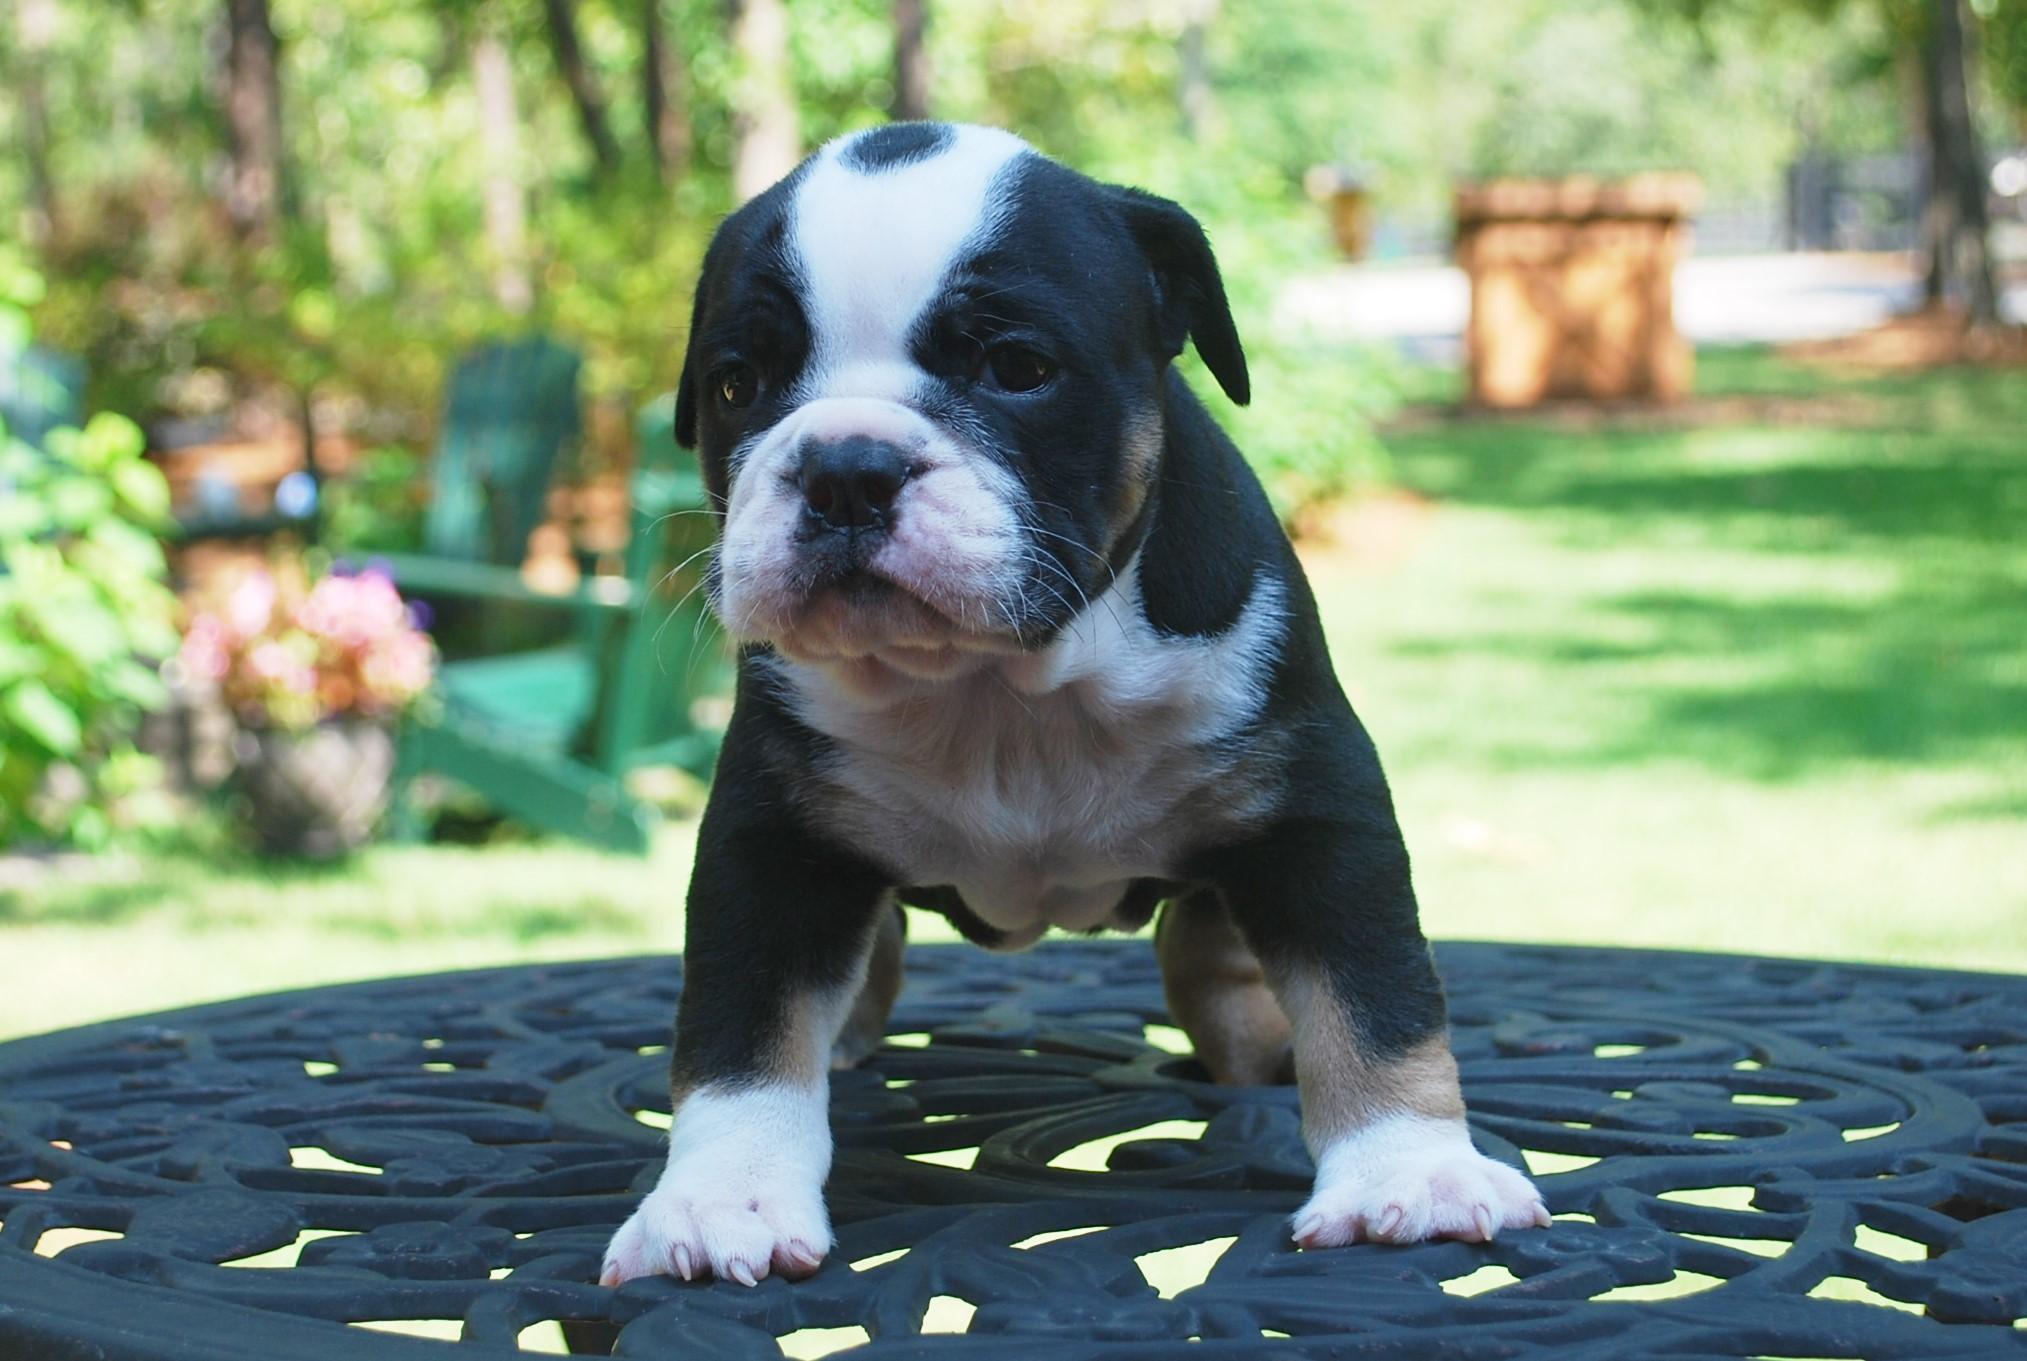 Moglie Olde English Bulldogge Puppy For Sale | Photo 2